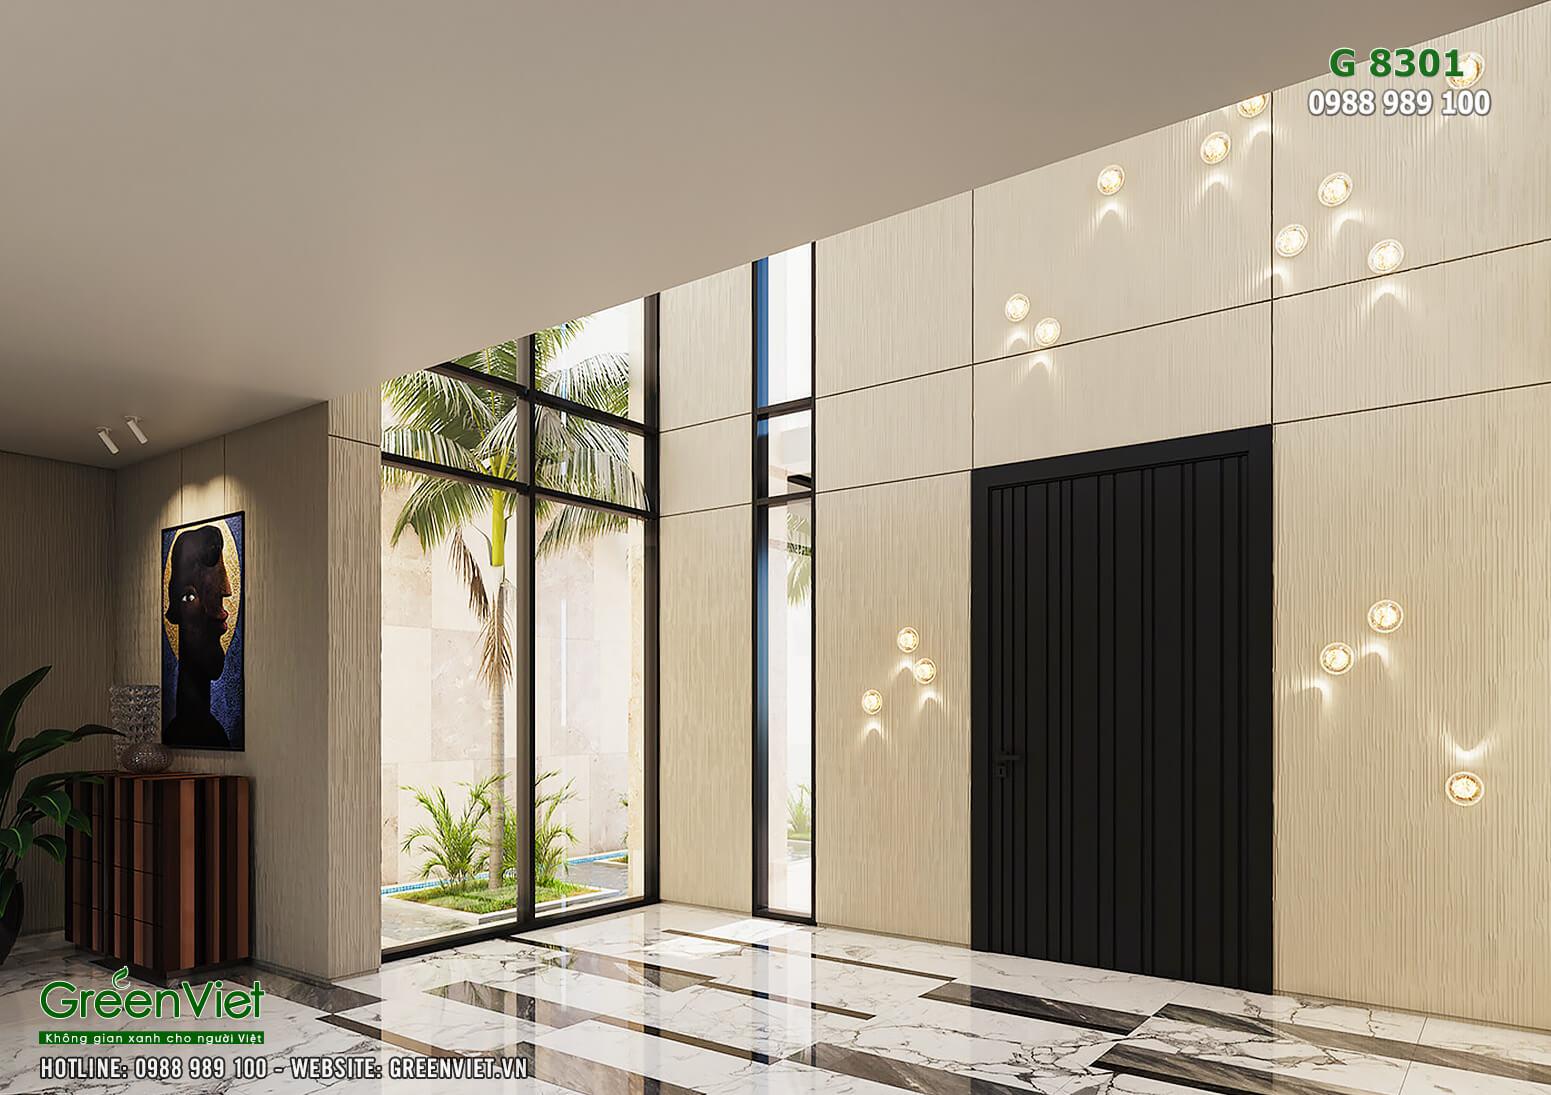 Hình ảnh: Thiết kế nội thất villa sang trọng - G8301